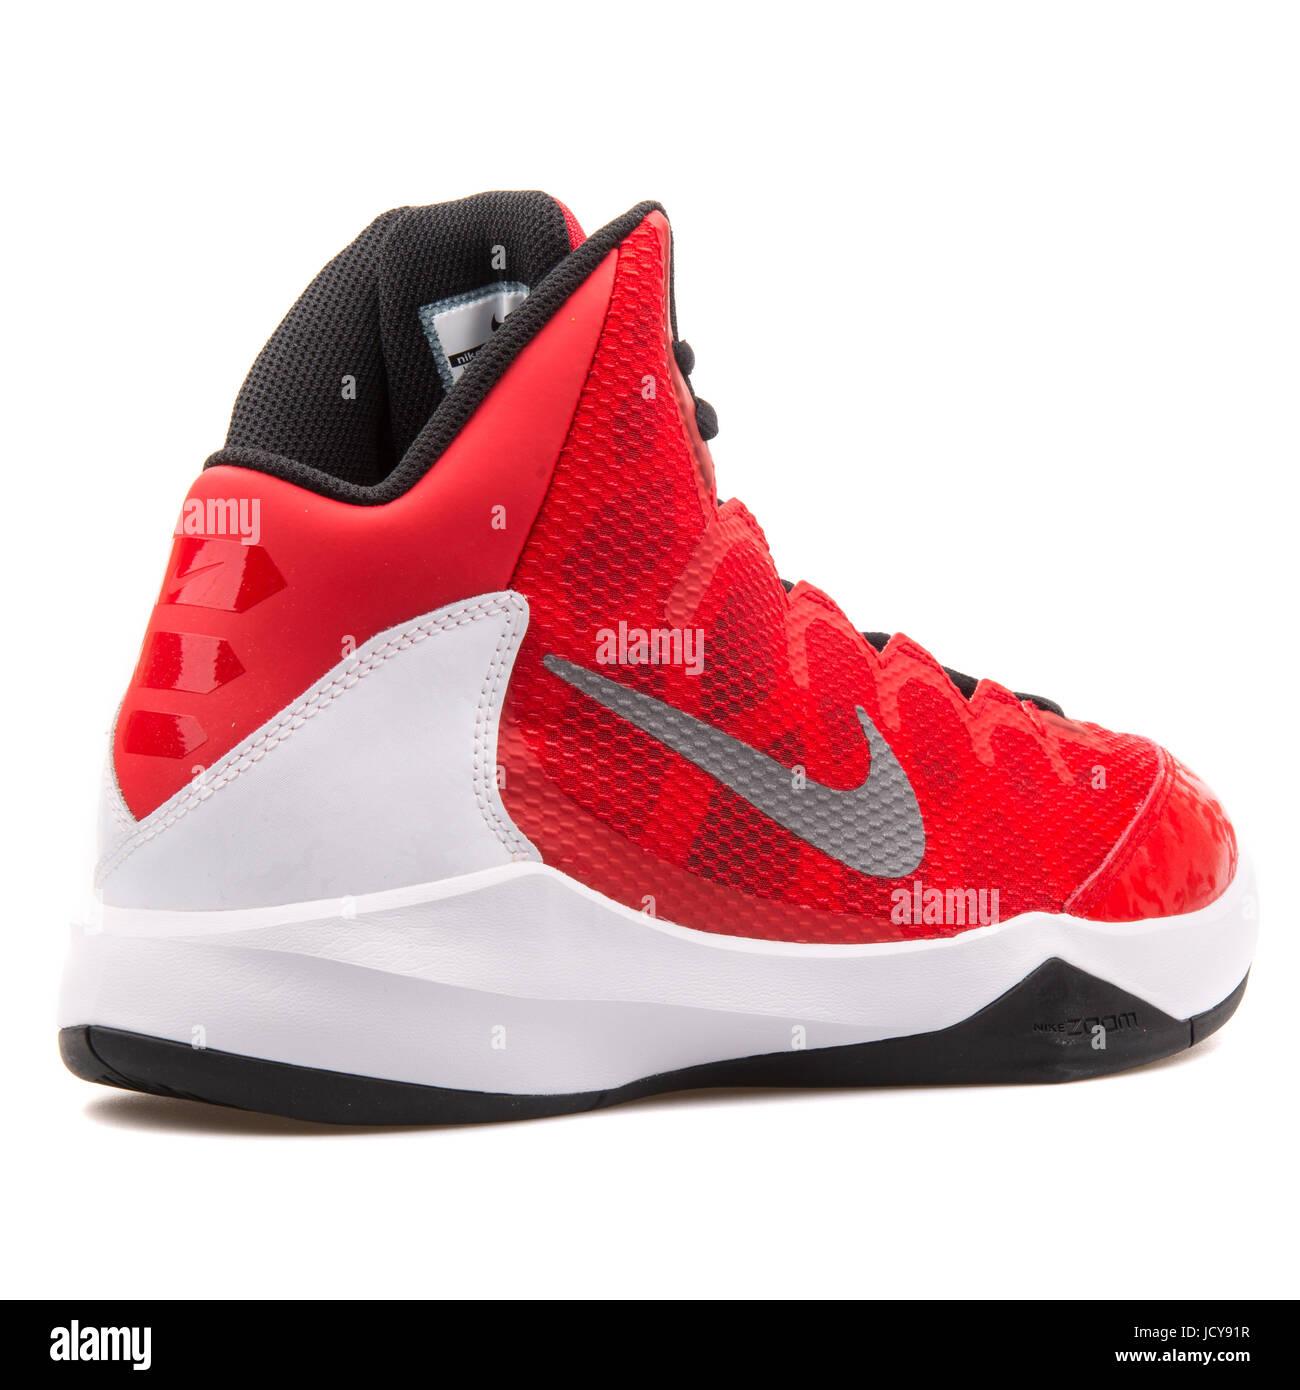 new styles fb982 829c2 Nike Zoom senza dubbio rosso, bianco e nero uomini scarpe da basket -  749432-